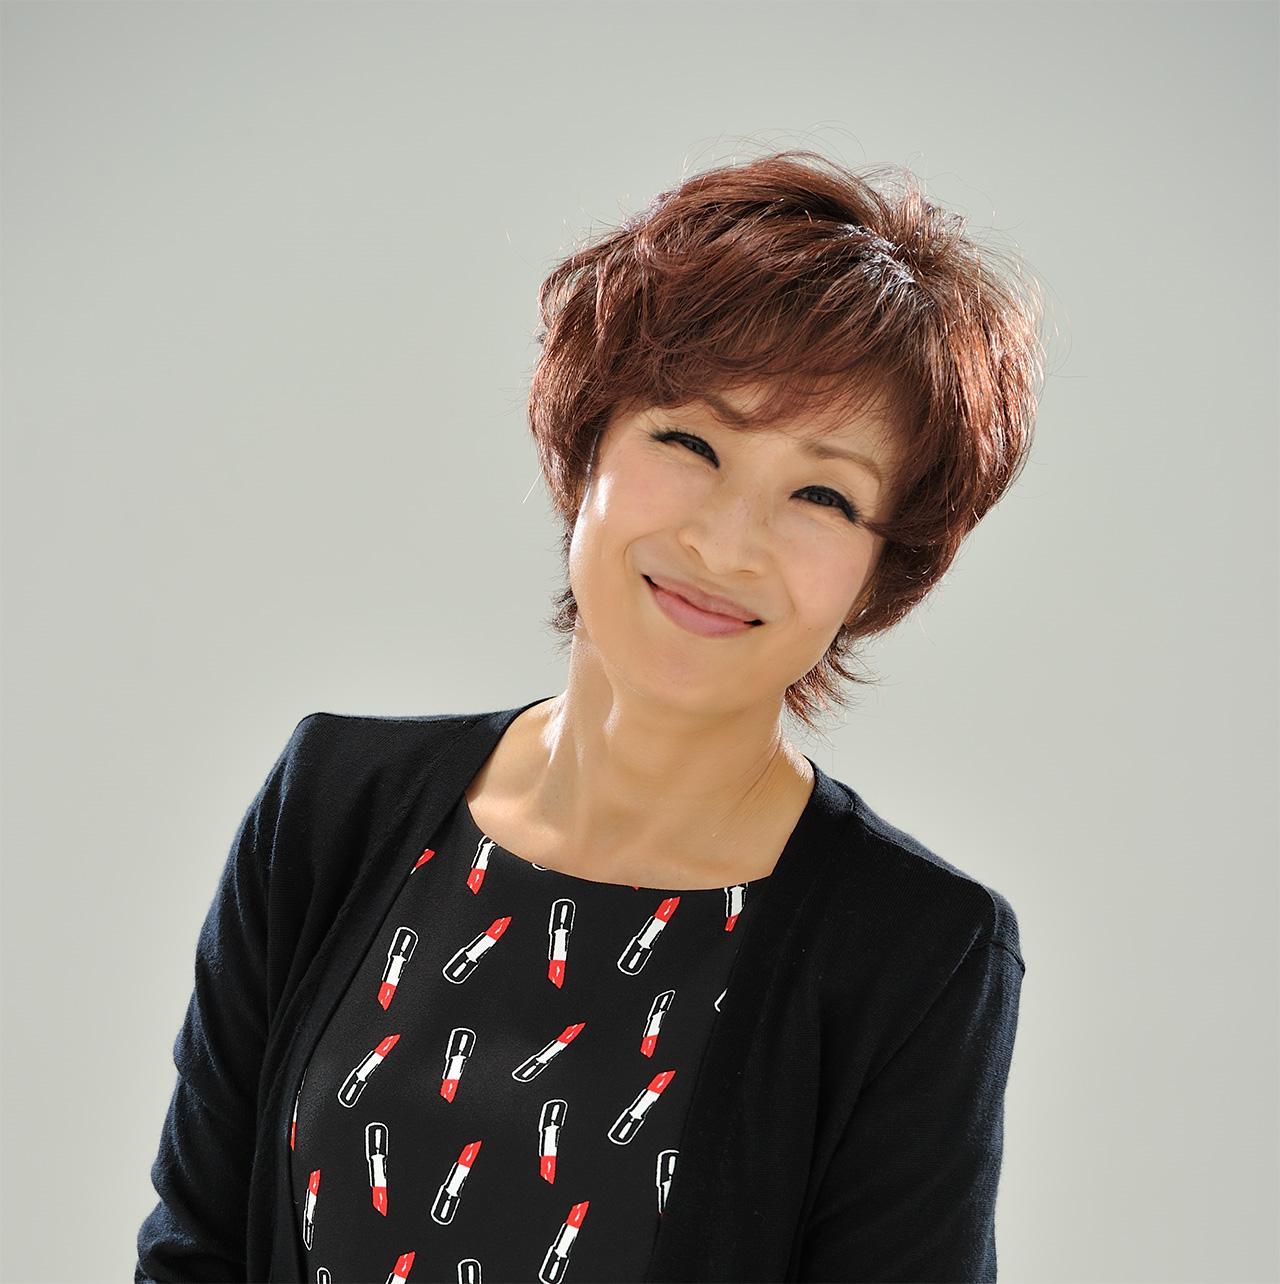 hirano_profile